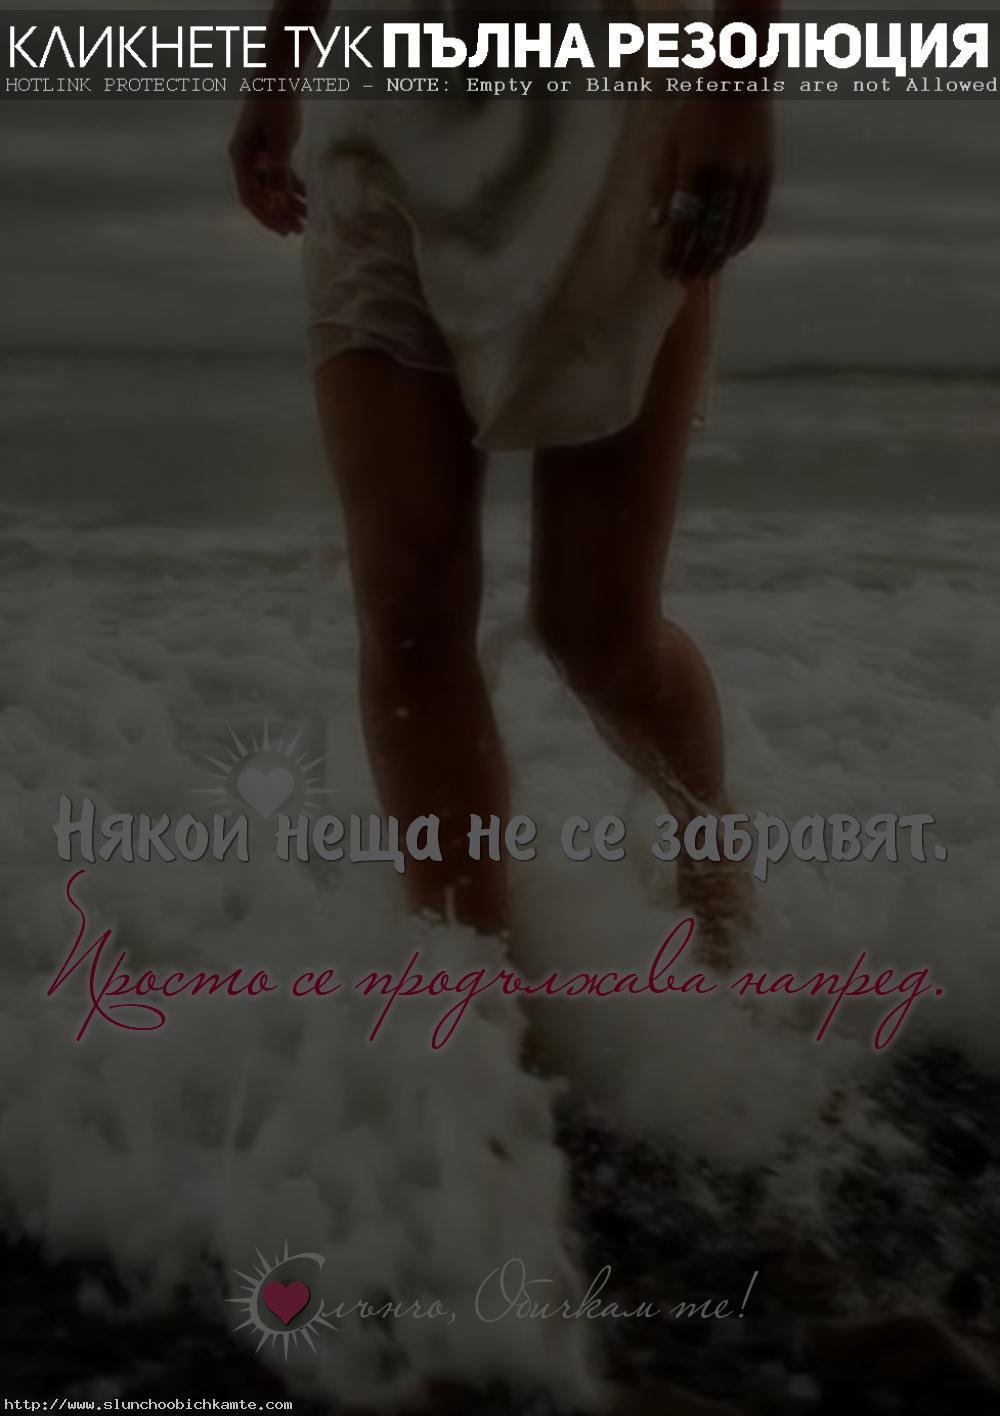 Някои неща не се забравят, просто се продължава напред - живот след раздялата, разбито сърце, спомени за голямата любов, любовни мисли, любовни статуси, любовни цитати, любовни фрази